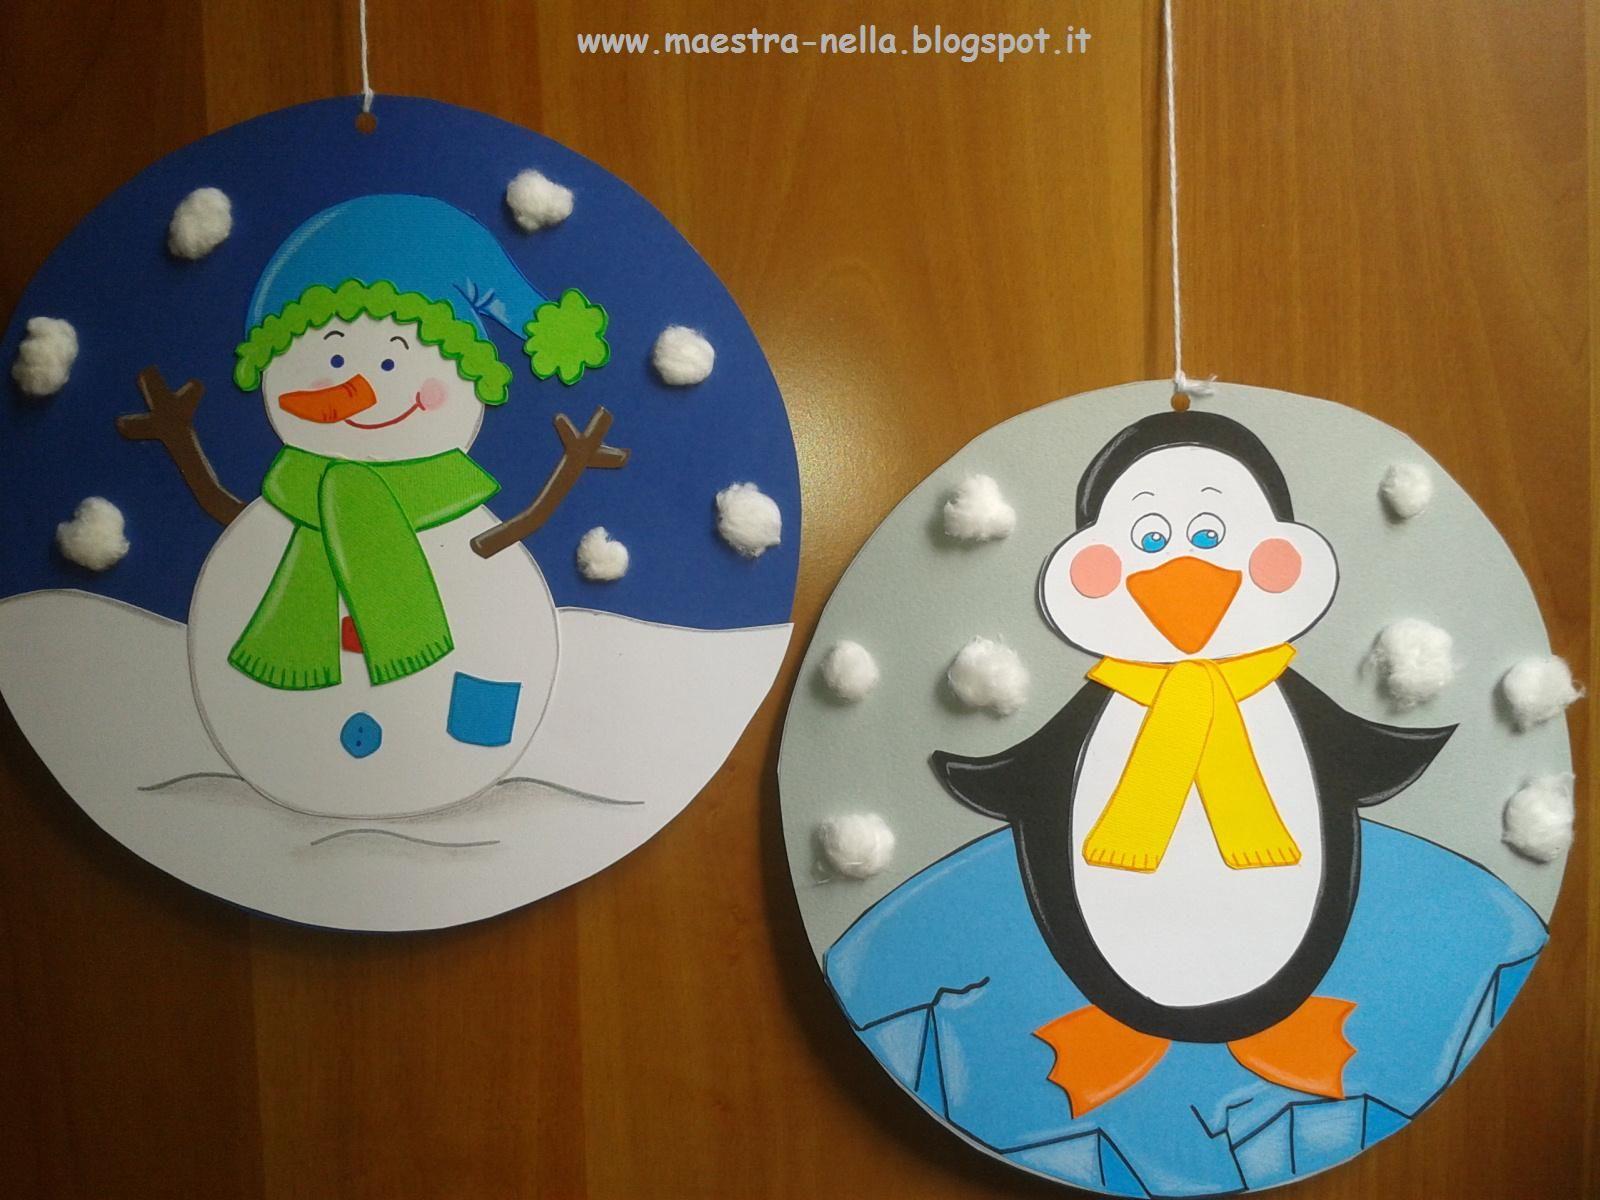 Maestra nella addobbi invernali lavoretti per bambini for Addobbi finestre natale scuola infanzia